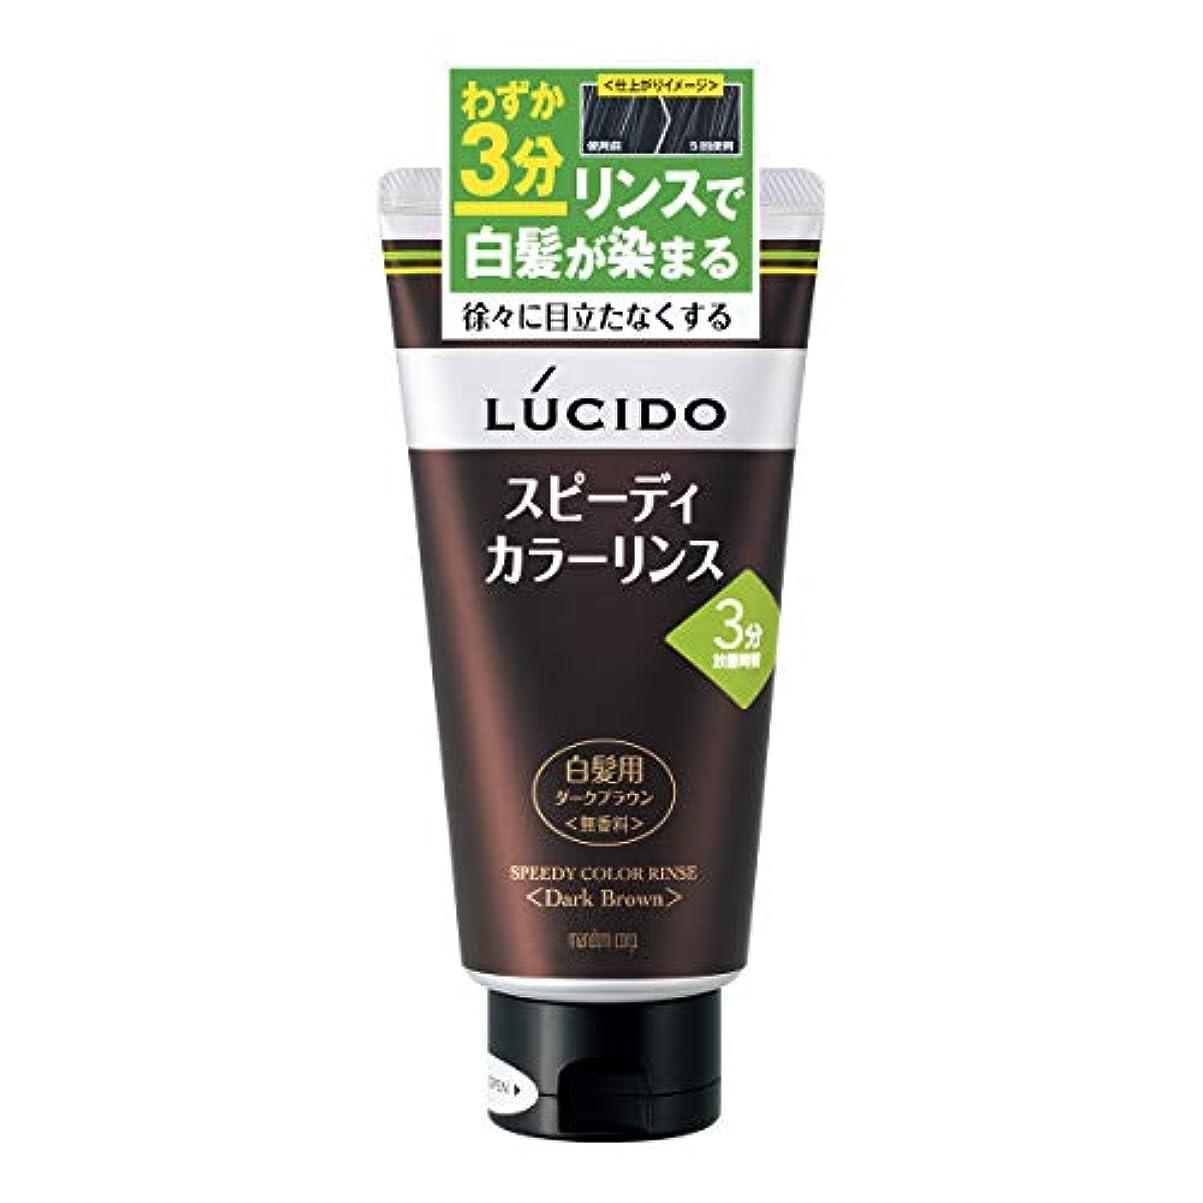 ピンク補充傾向があるLUCIDO(ルシード) スピーディカラーリンス ダークブラウン 160g リンスで簡単白髪染め